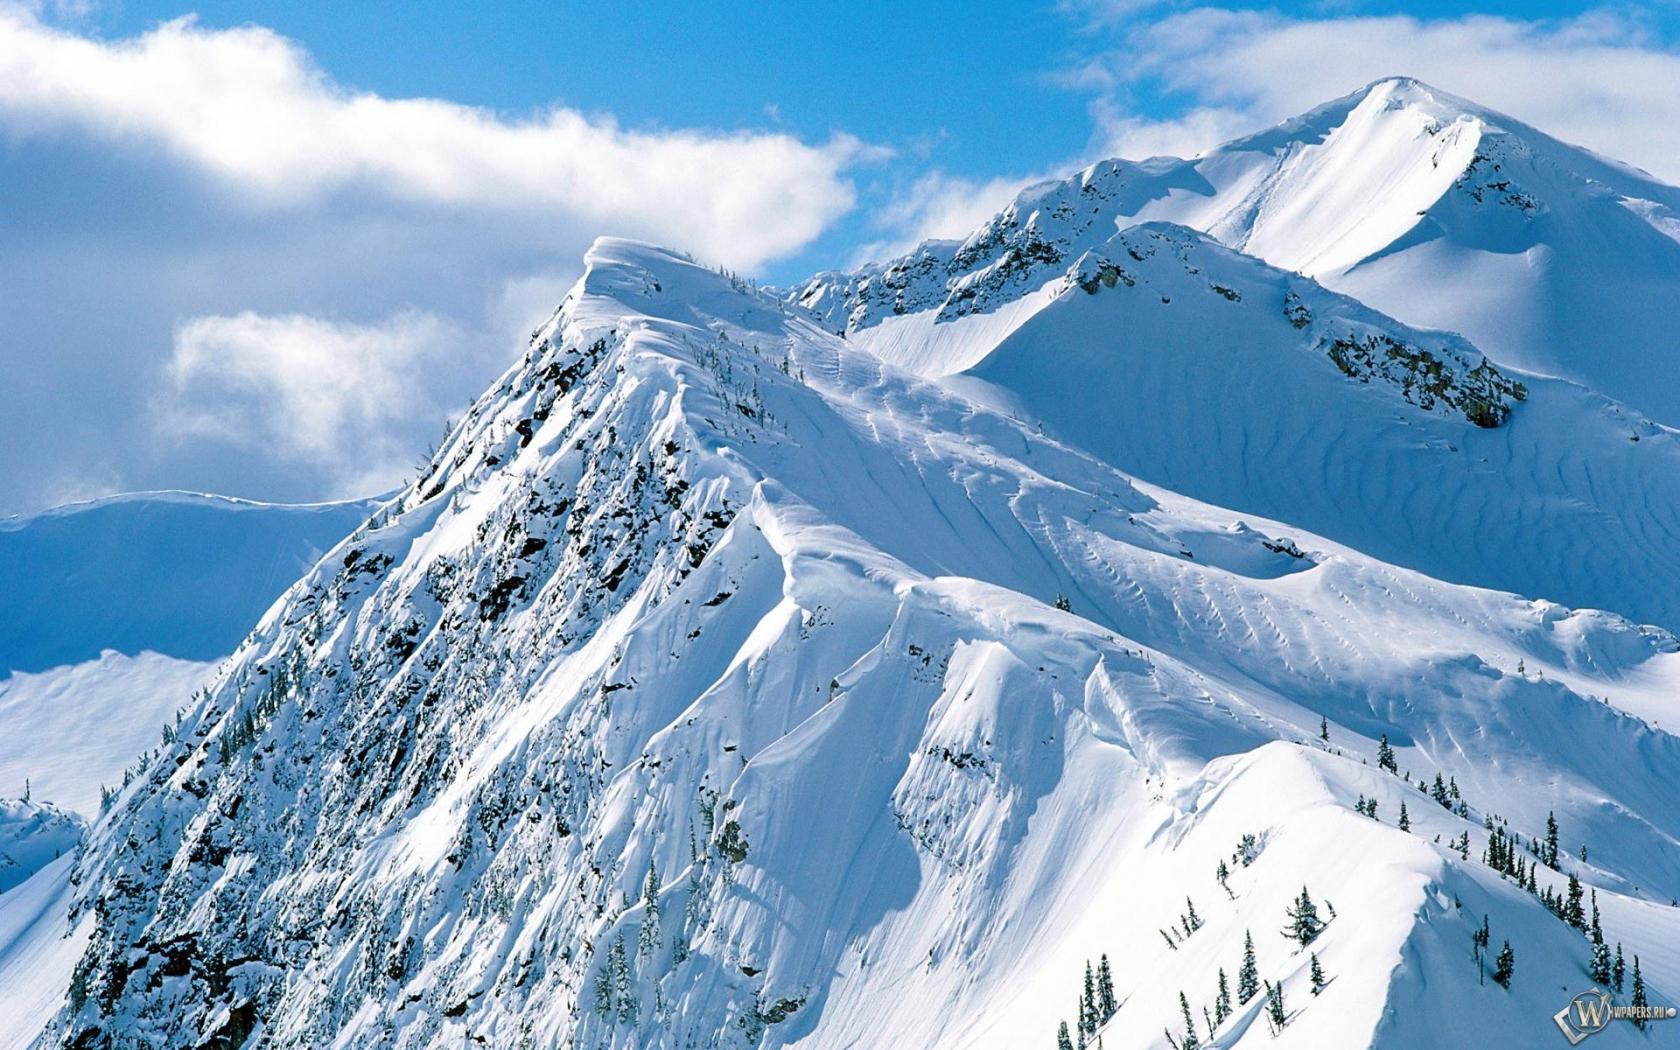 Обои снежные горы на рабочий стол с